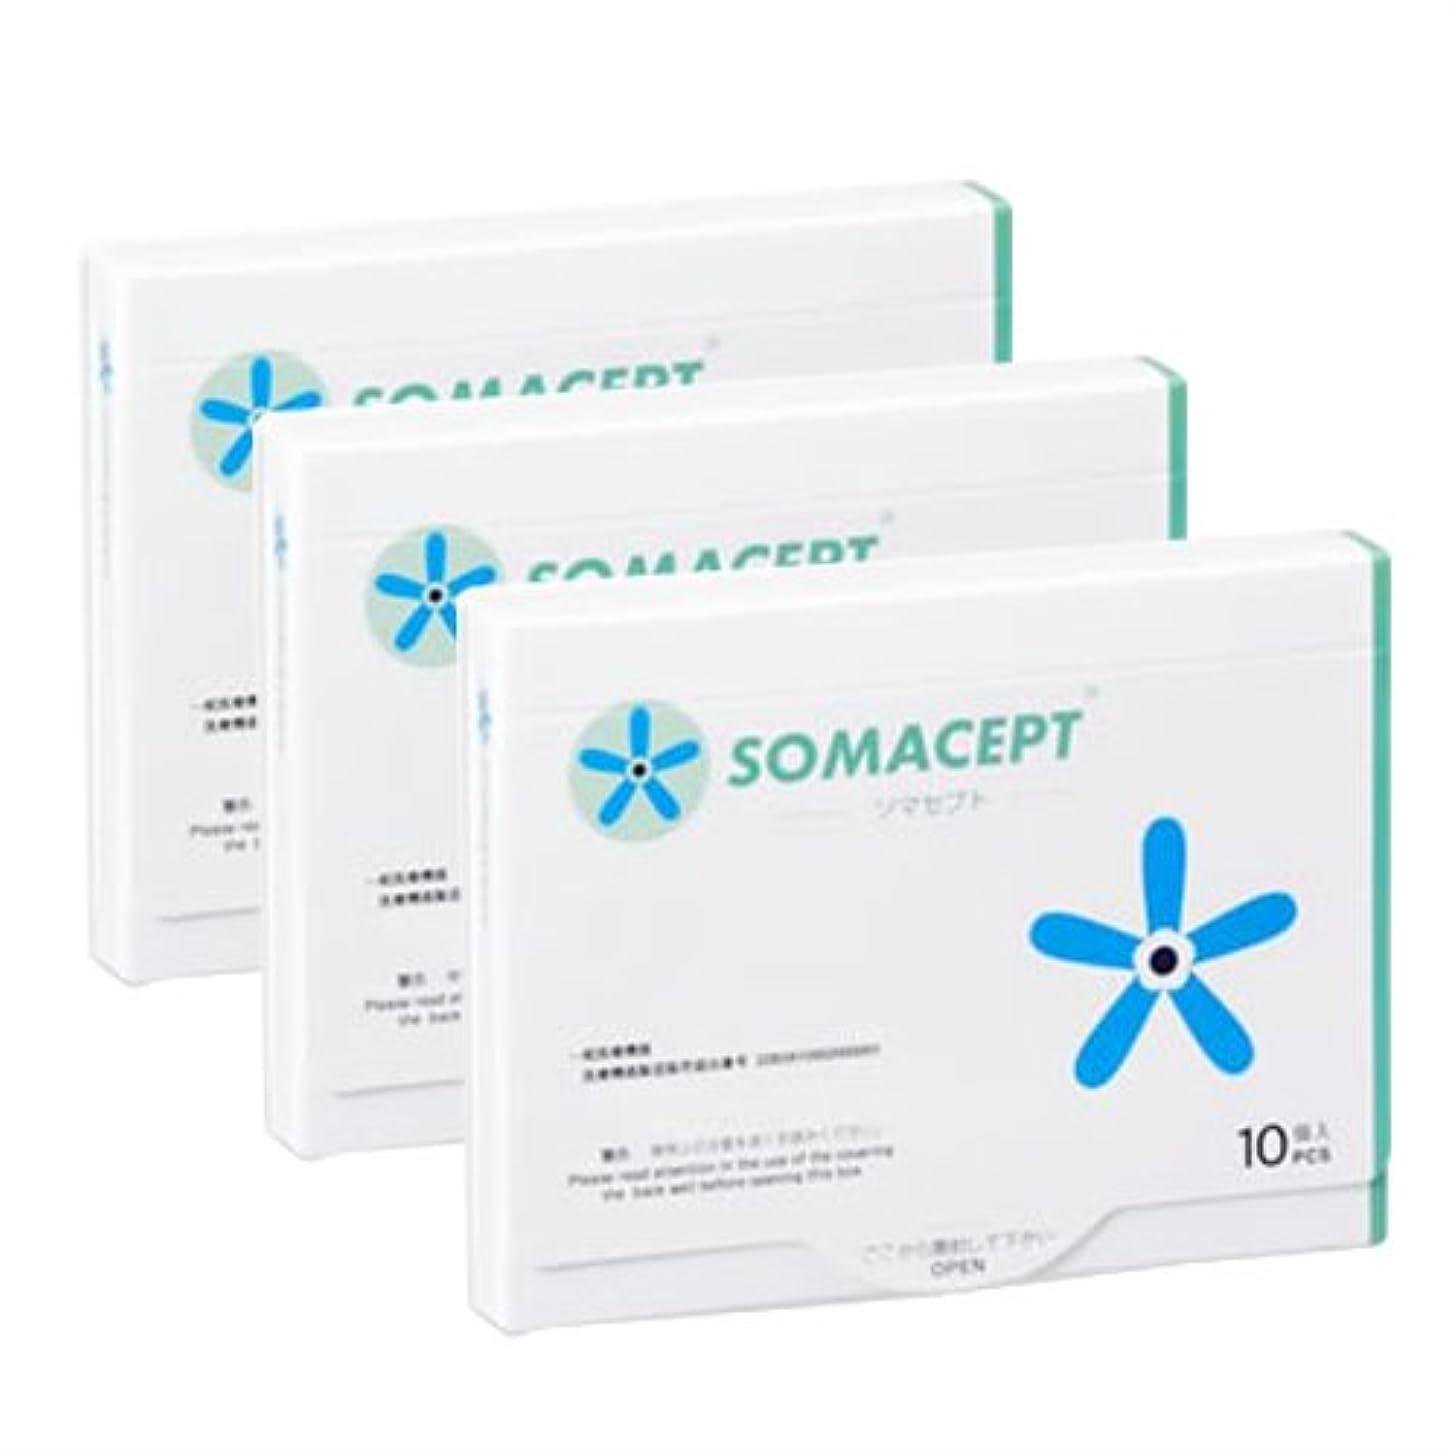 コインさようなら旧正月ソマセプト SOMACEPT 10個入り mini(直径4mm) 3個セット